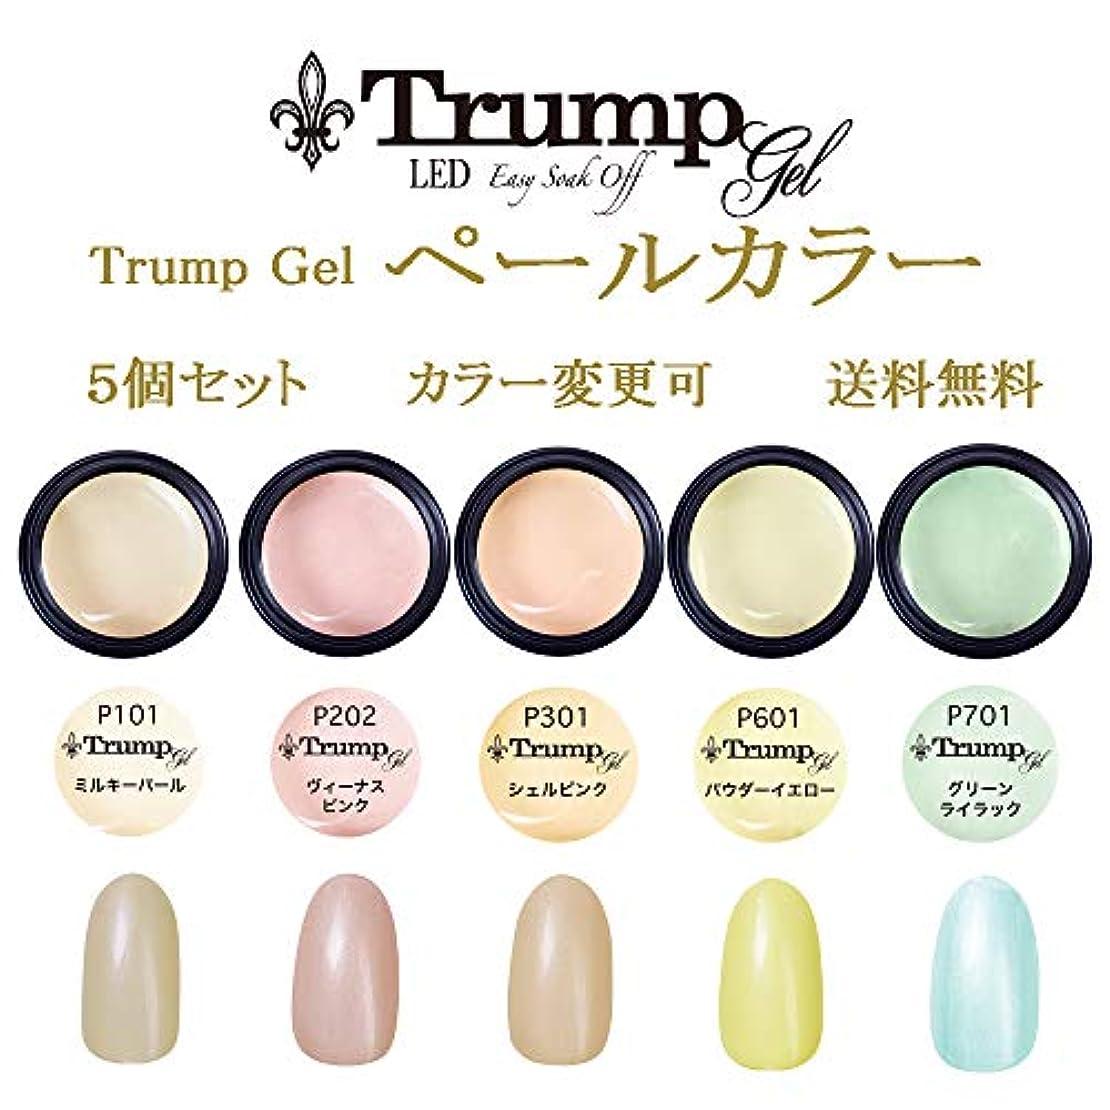 唇動く労働日本製 Trump gel トランプジェル ペールカラー 選べる カラージェル 5個セット パール イエロー ベージュ ピンク ブルー